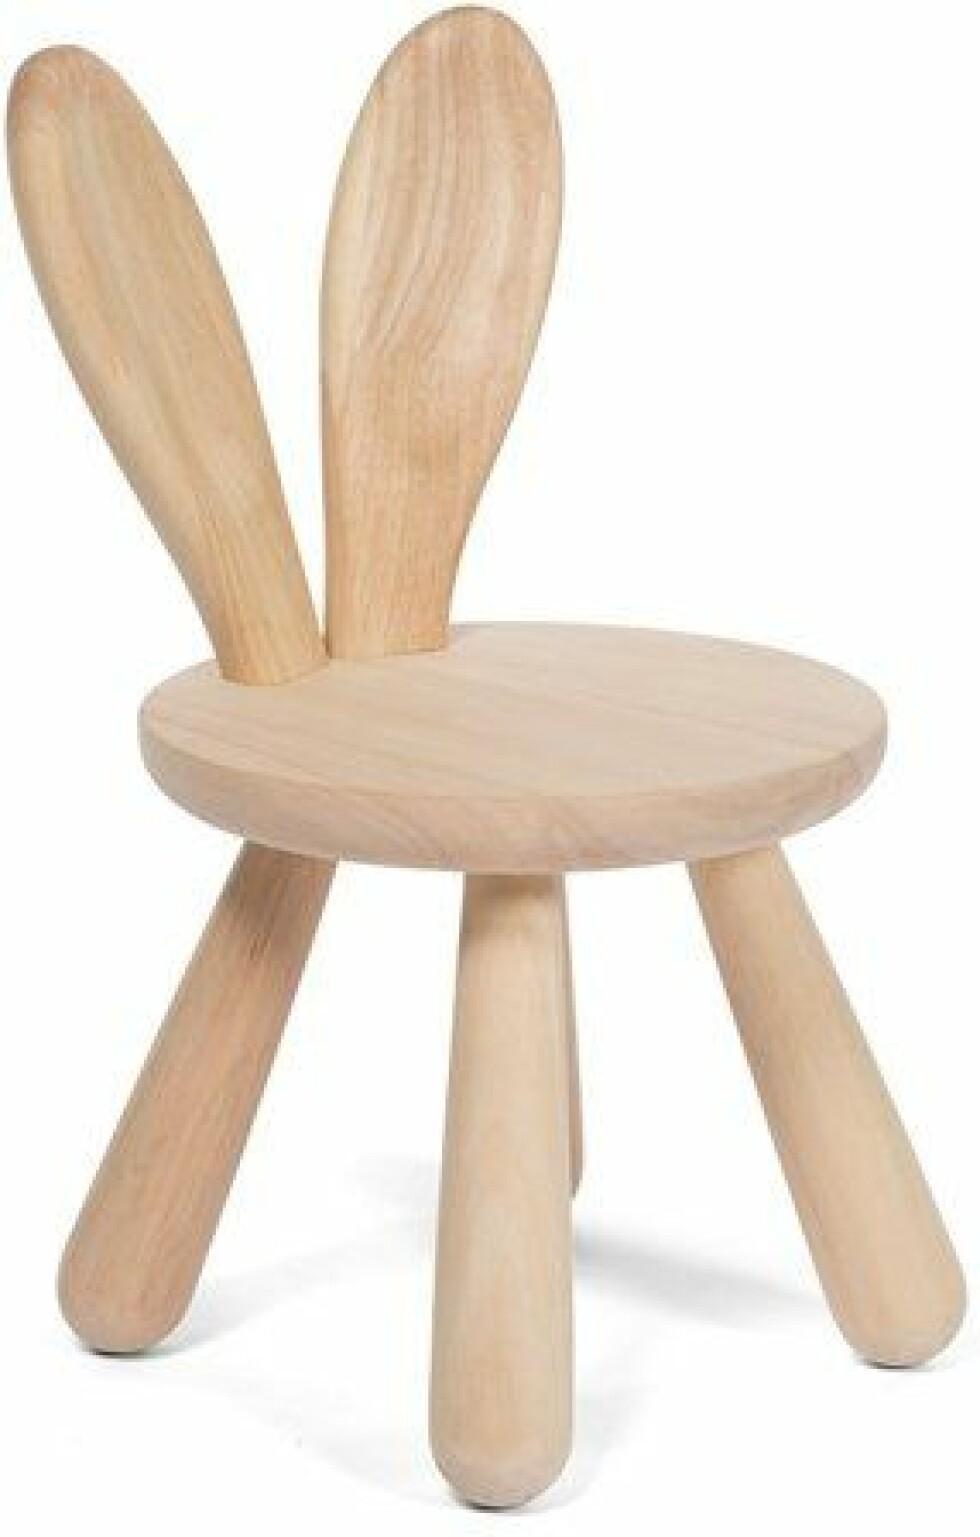 Stol |569,-| https://www.jollyroom.no/barnerommet/barnemobler/sittemobler/stoler/minitude-nordic-stol-kanin-tre